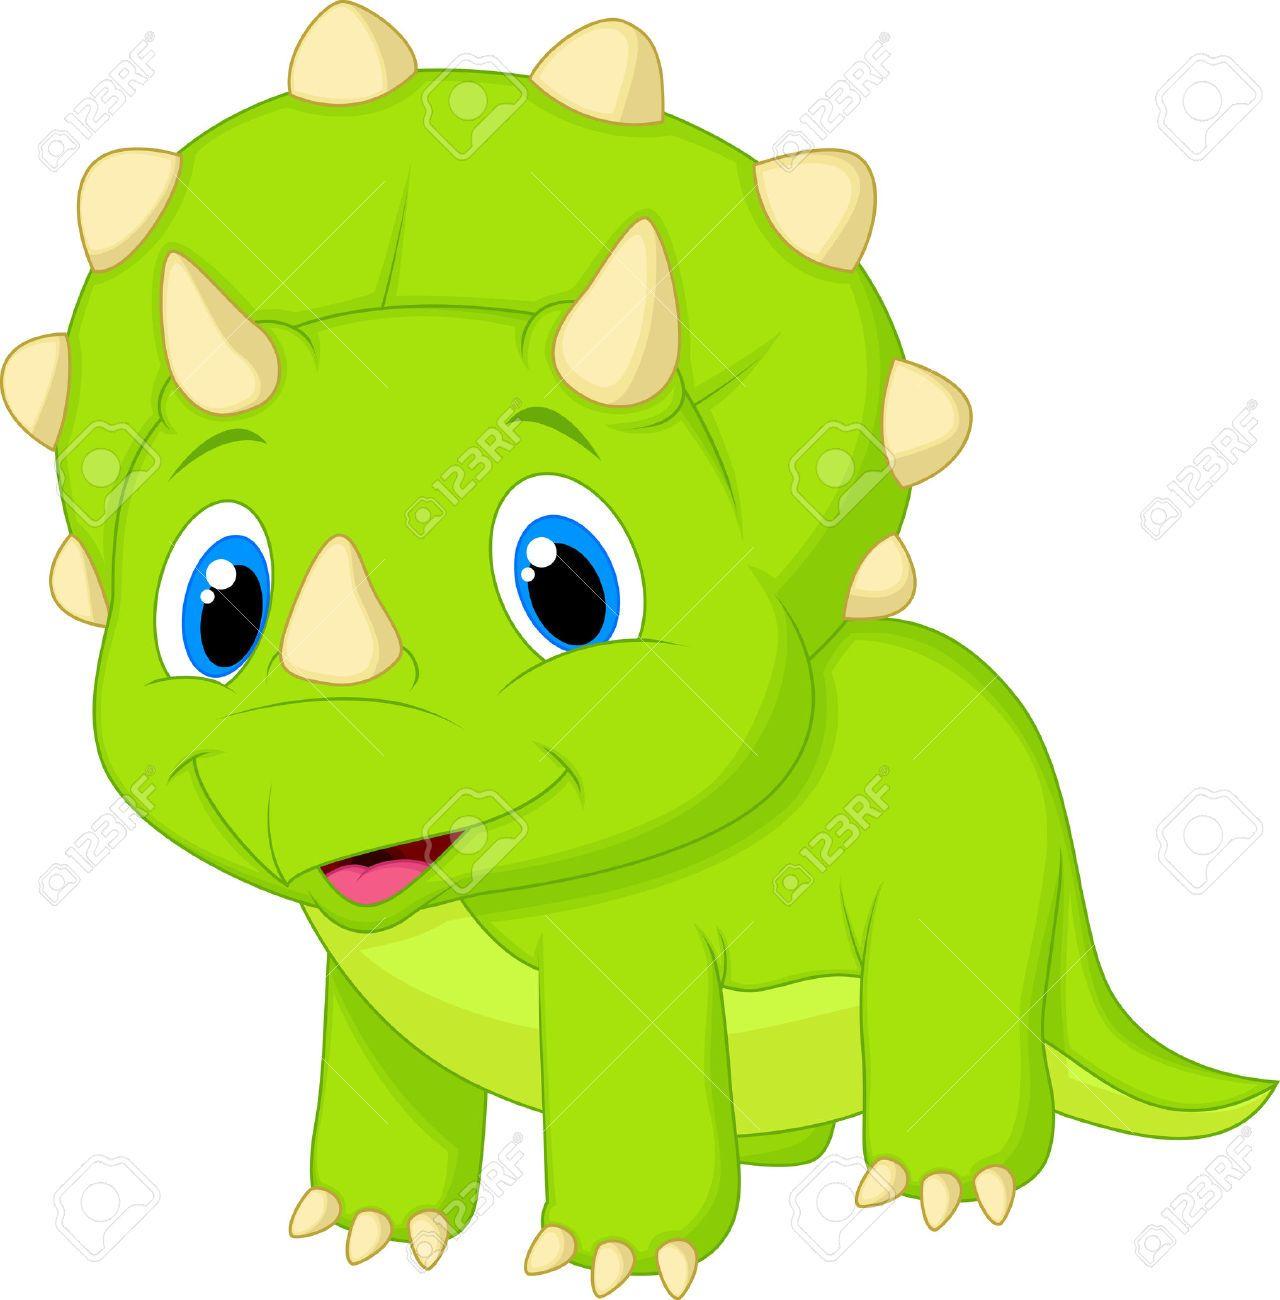 Lindo Bebe Triceratops De Dibujos Animados Ilustraciones Vectoriales Imagenes De Dinosaurios Infantiles Imagenes De Dinosaurios Animados Dinosaurio Rex Dibujo Puedes unirte a los tiranosaurios aplastar todo en tu camino a la ciudad. de dinosaurios animados